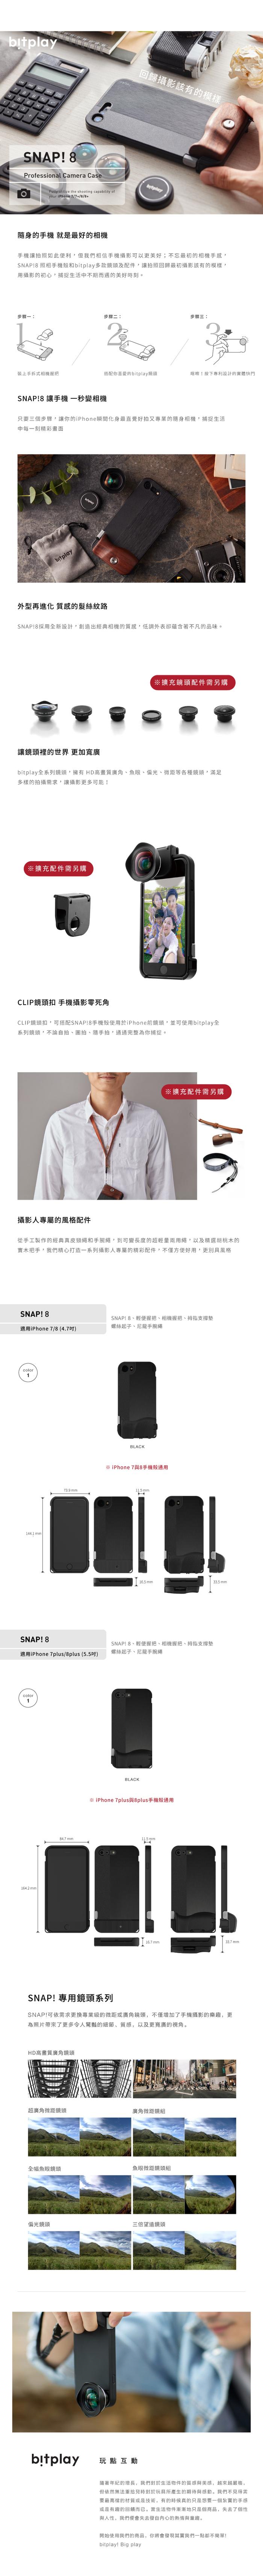 bitplay|SNAP! 8 手機殼(適用iPhone 8)